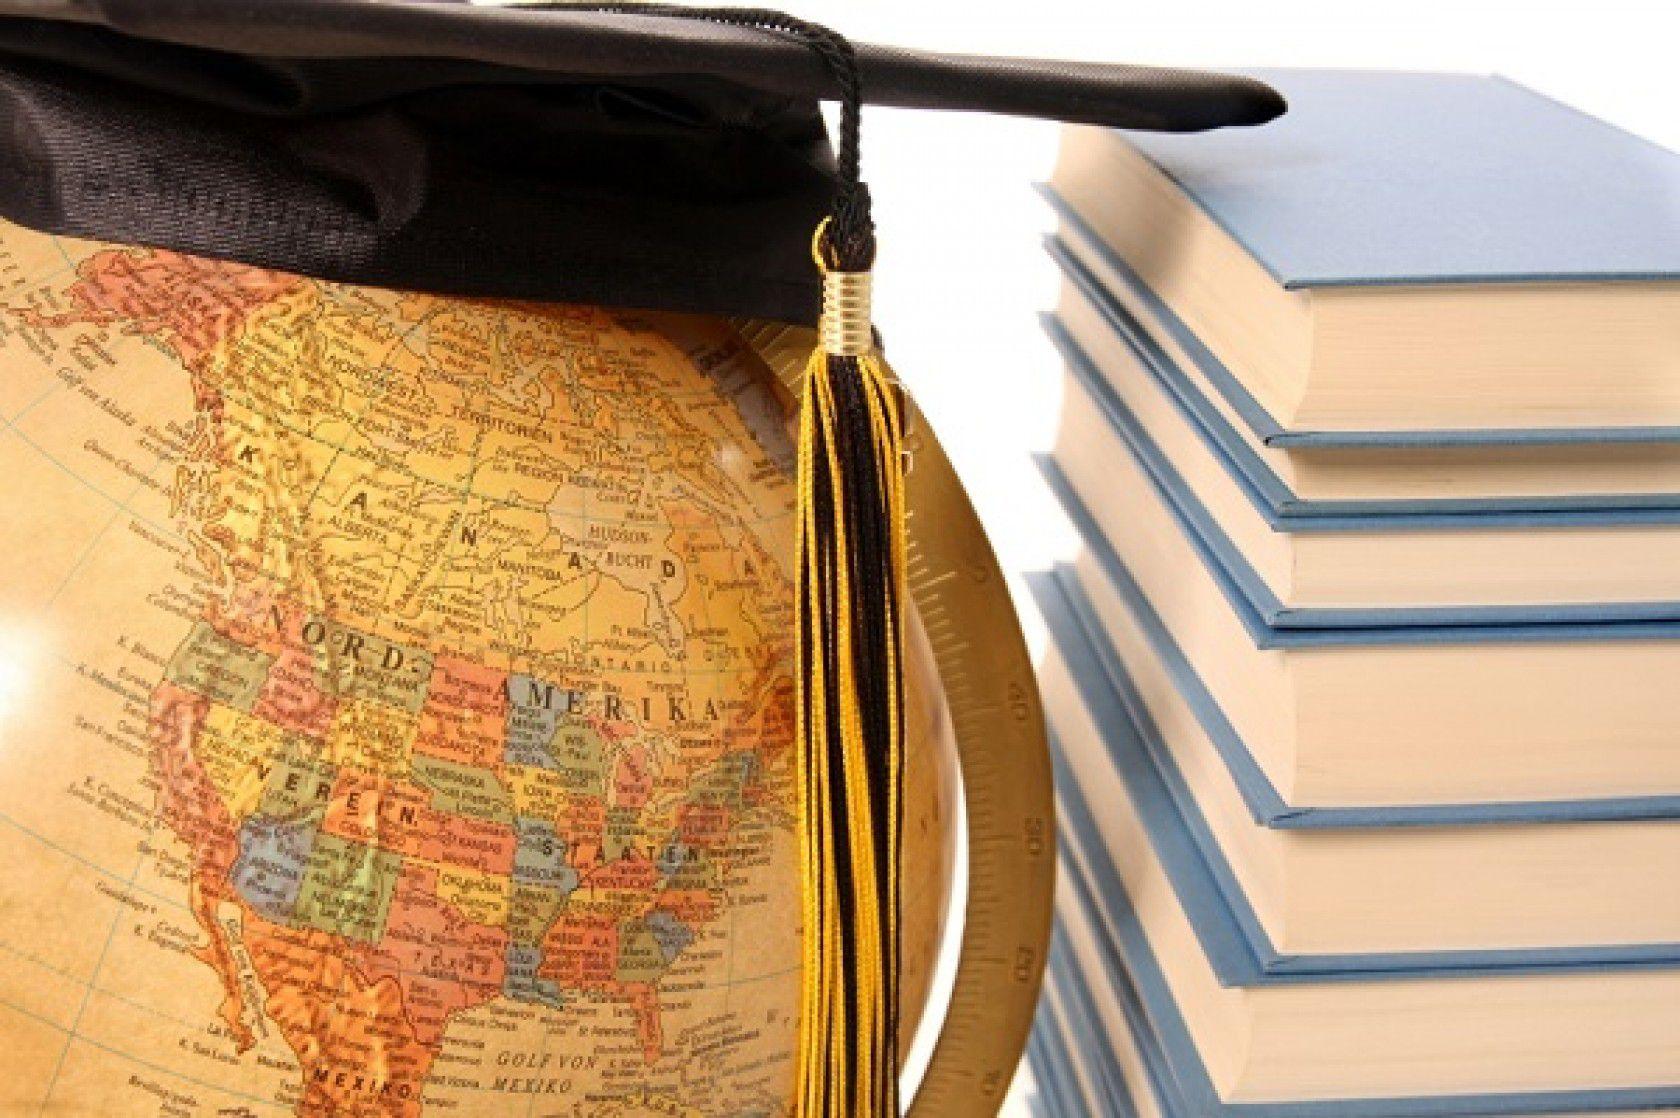 Avrupa'da Geçerli Olan Diploma Programları ve Uluslararası Denklik Programları Hakkında Bilmeniz Gerekenler